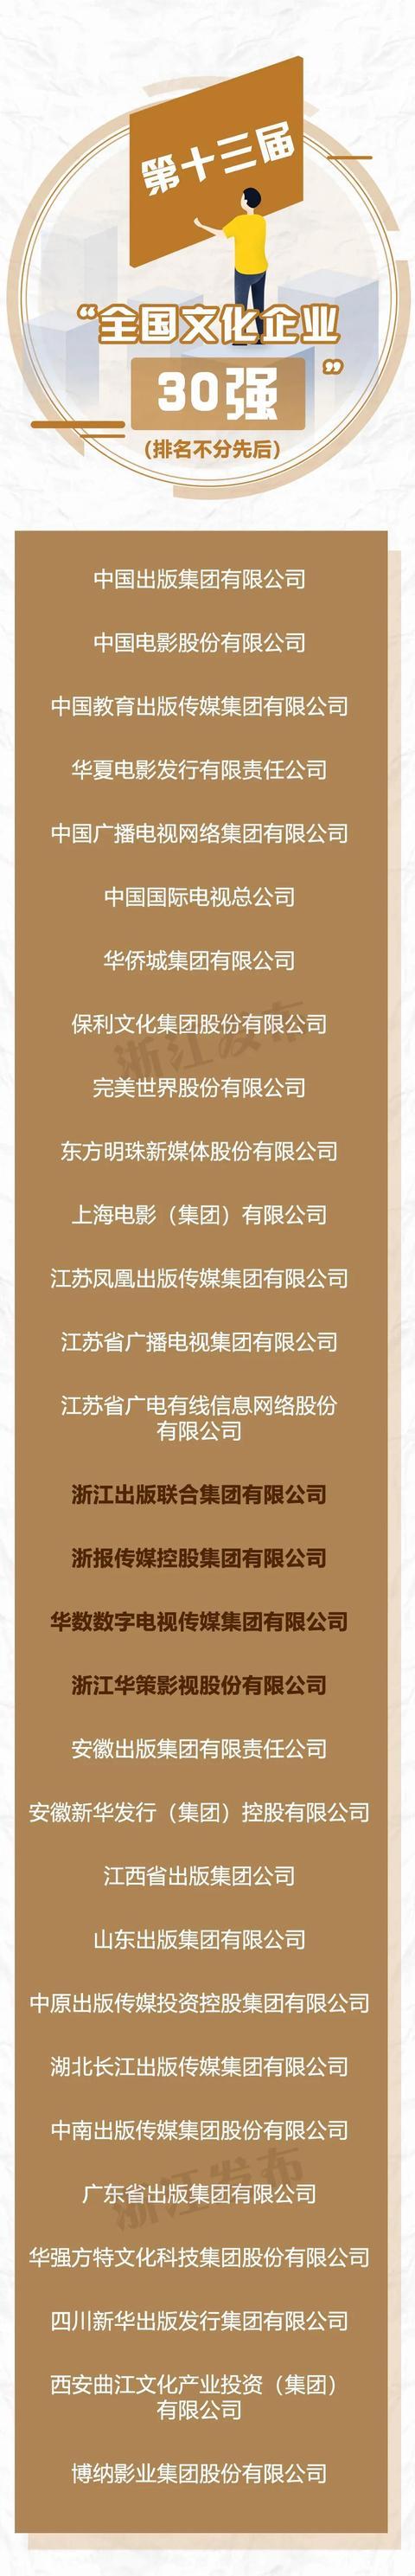 中年人交友app注册